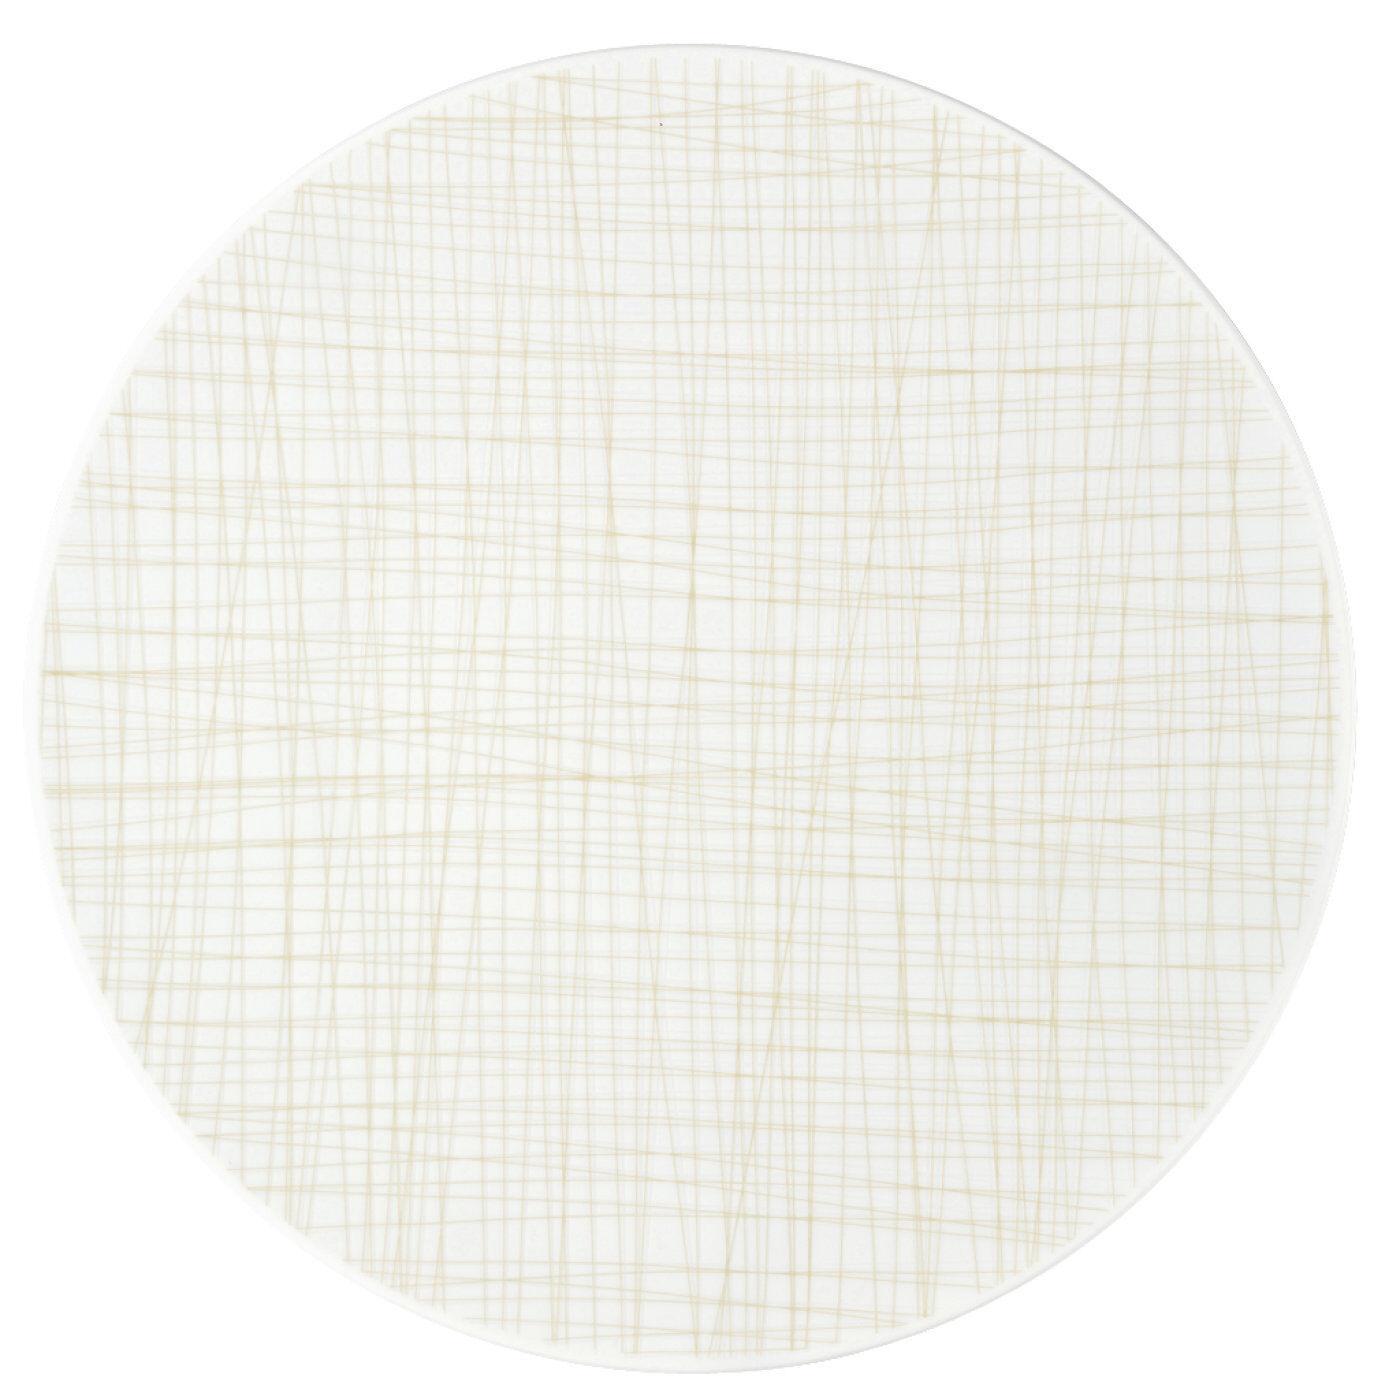 Rosanthal - Mesh Colours Colours Colours Cream+Line - Servizio piatti 39 pz 12 pers Rivenditore b3c655